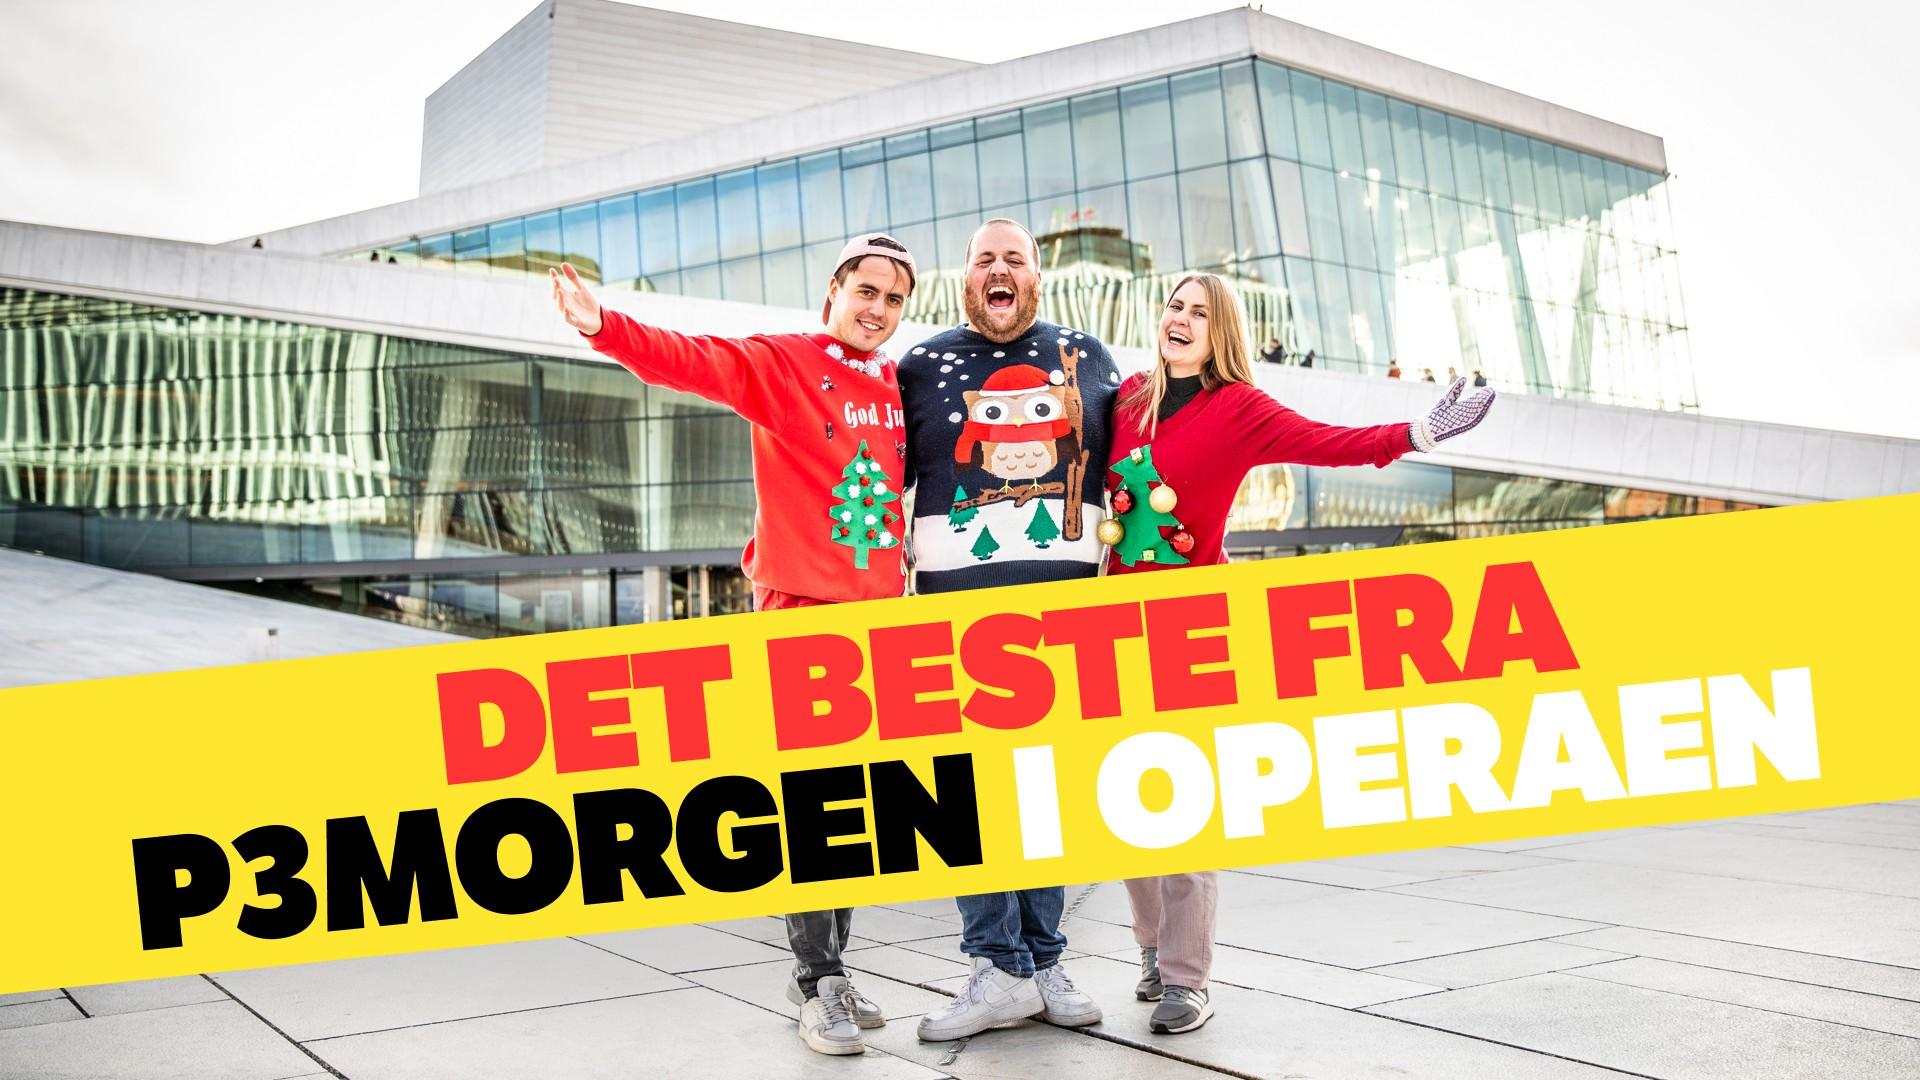 Nrk Tv P3morgen Live Fra Operaen